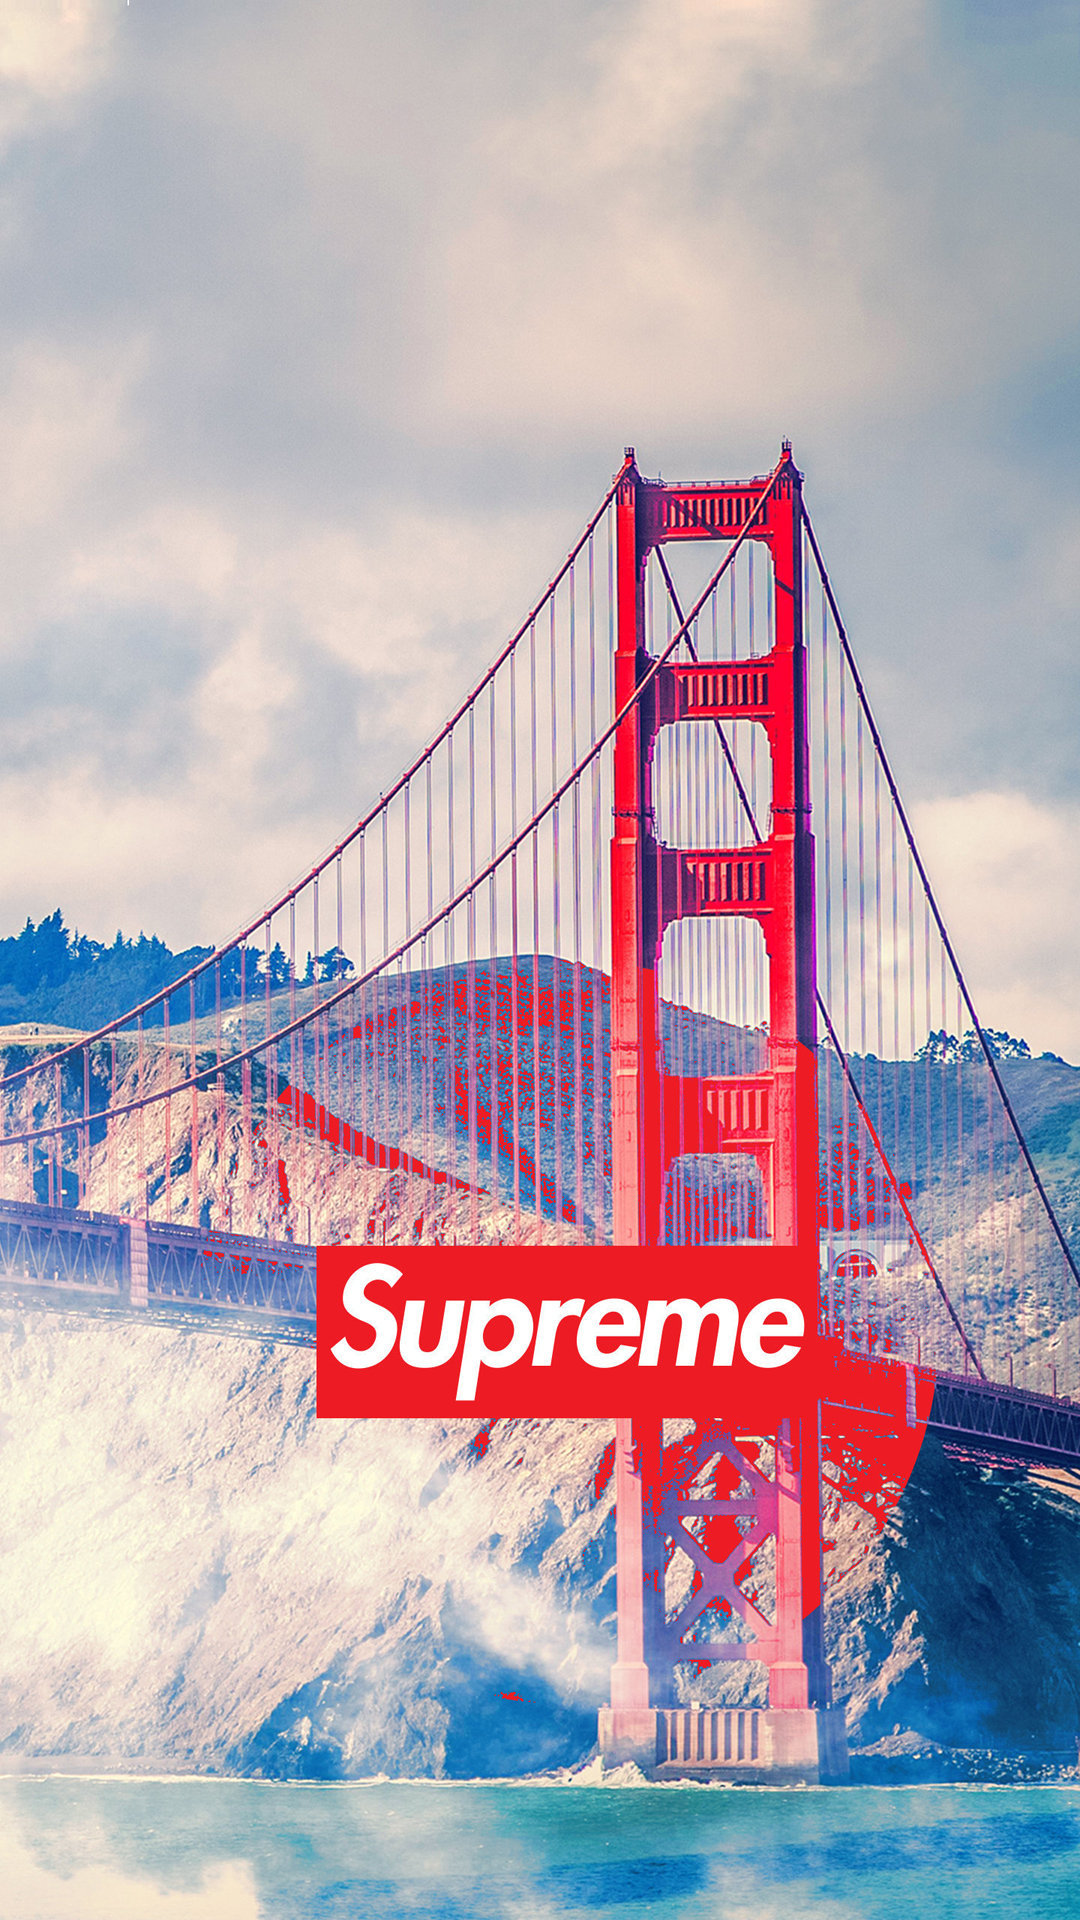 Supreme Brand Wallpaper